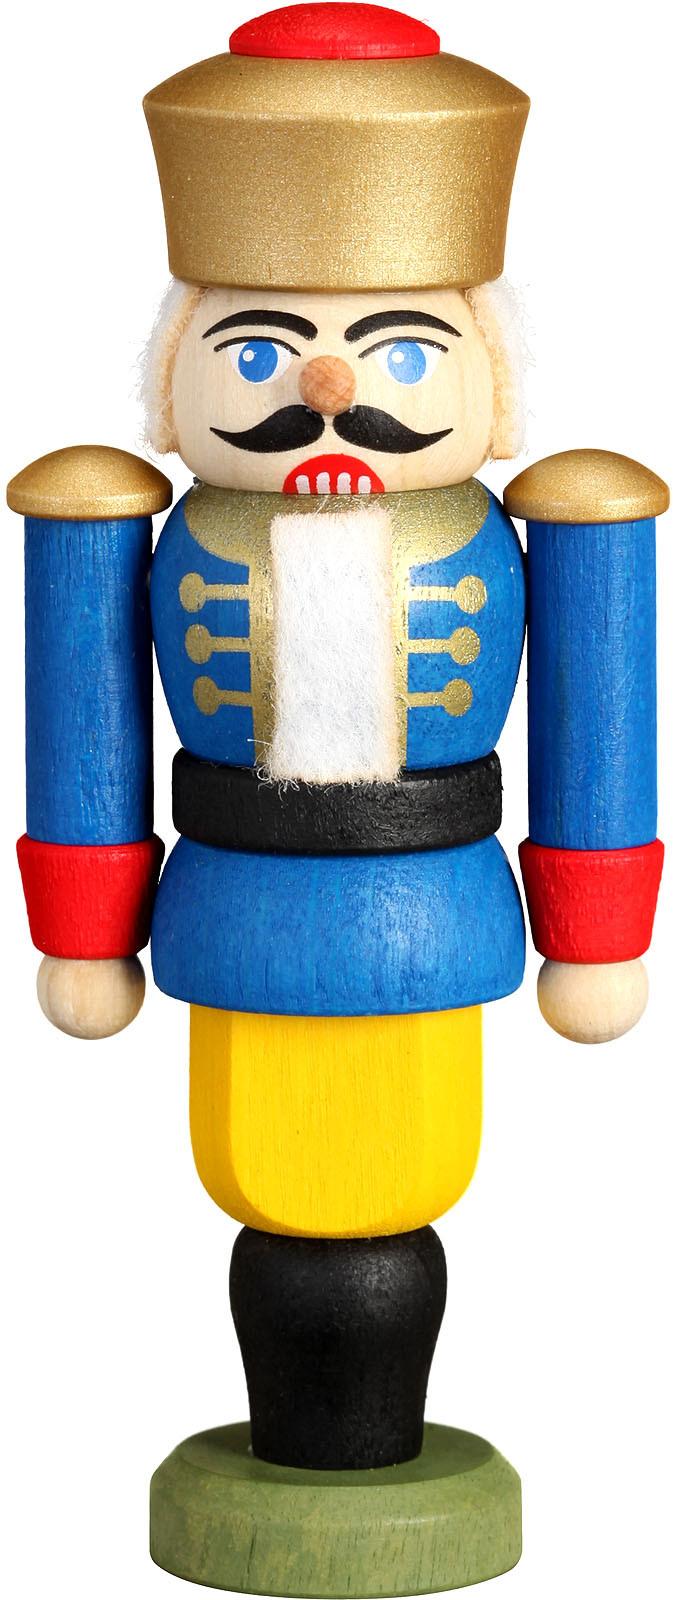 Mini-Nussknacker König, blau